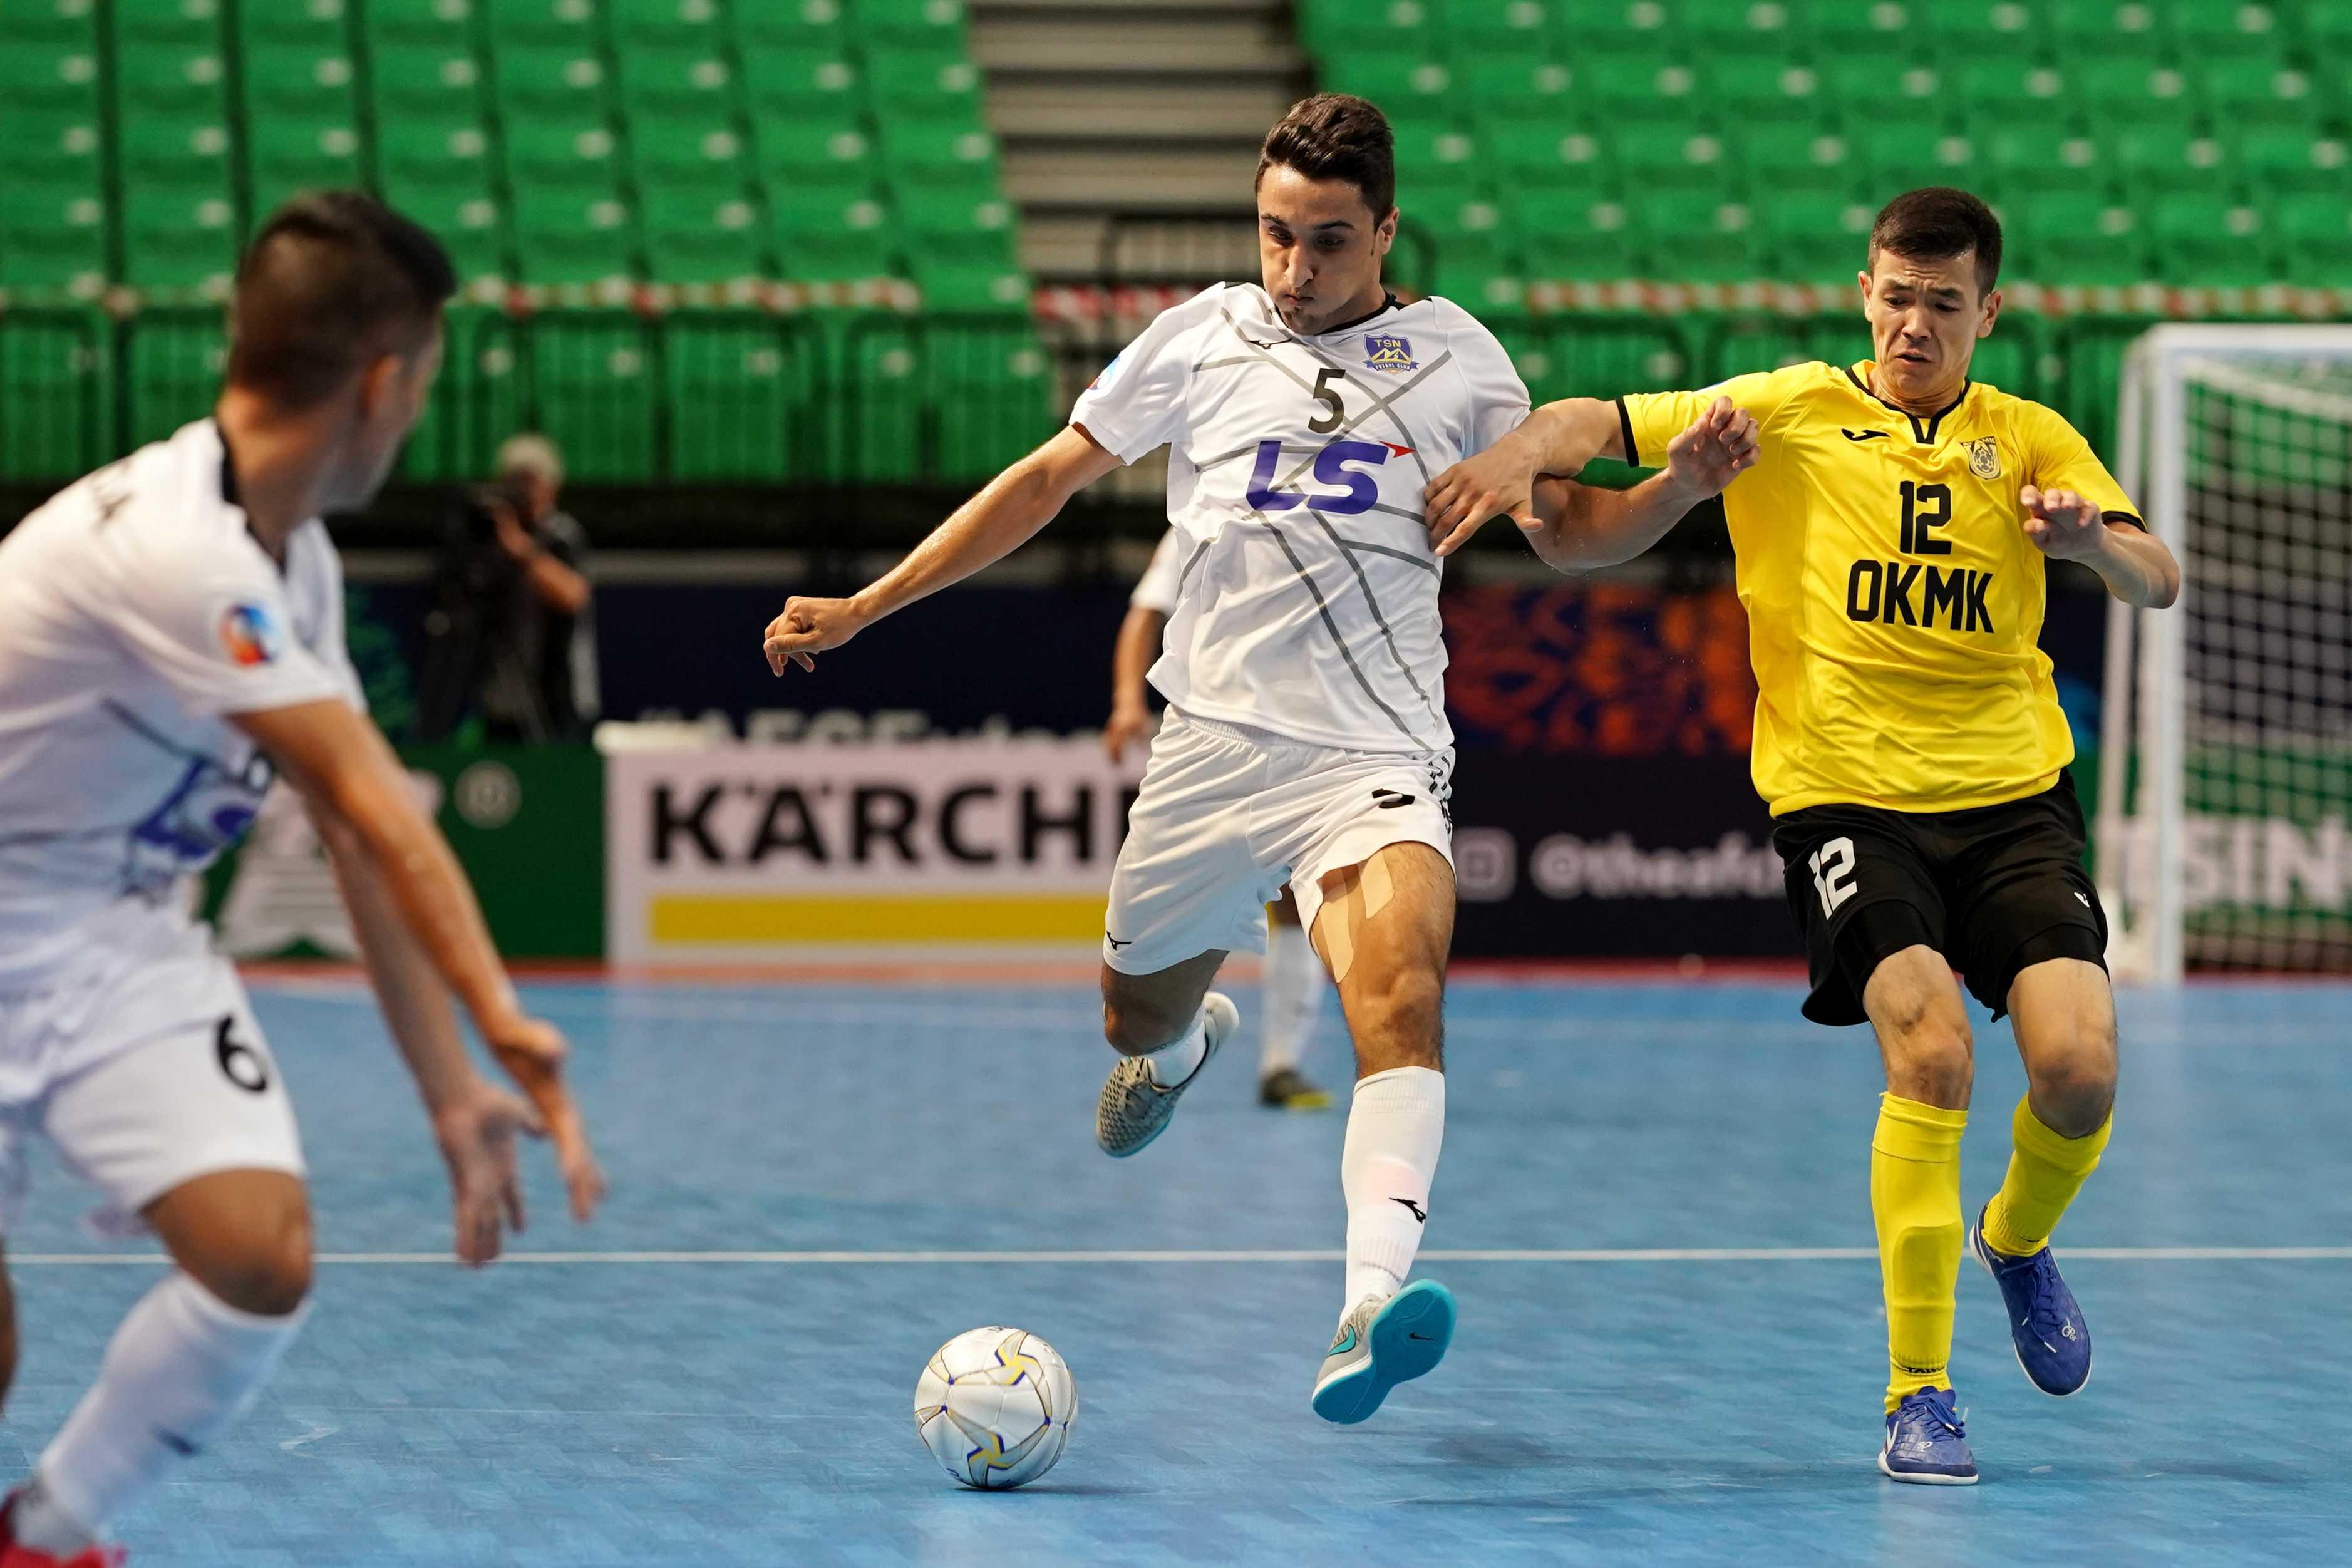 Ngược dòng ấn tượng trước AGMK, Thái Sơn Nam khởi đầu thuận lợi ở giải futsal CLB châu Á